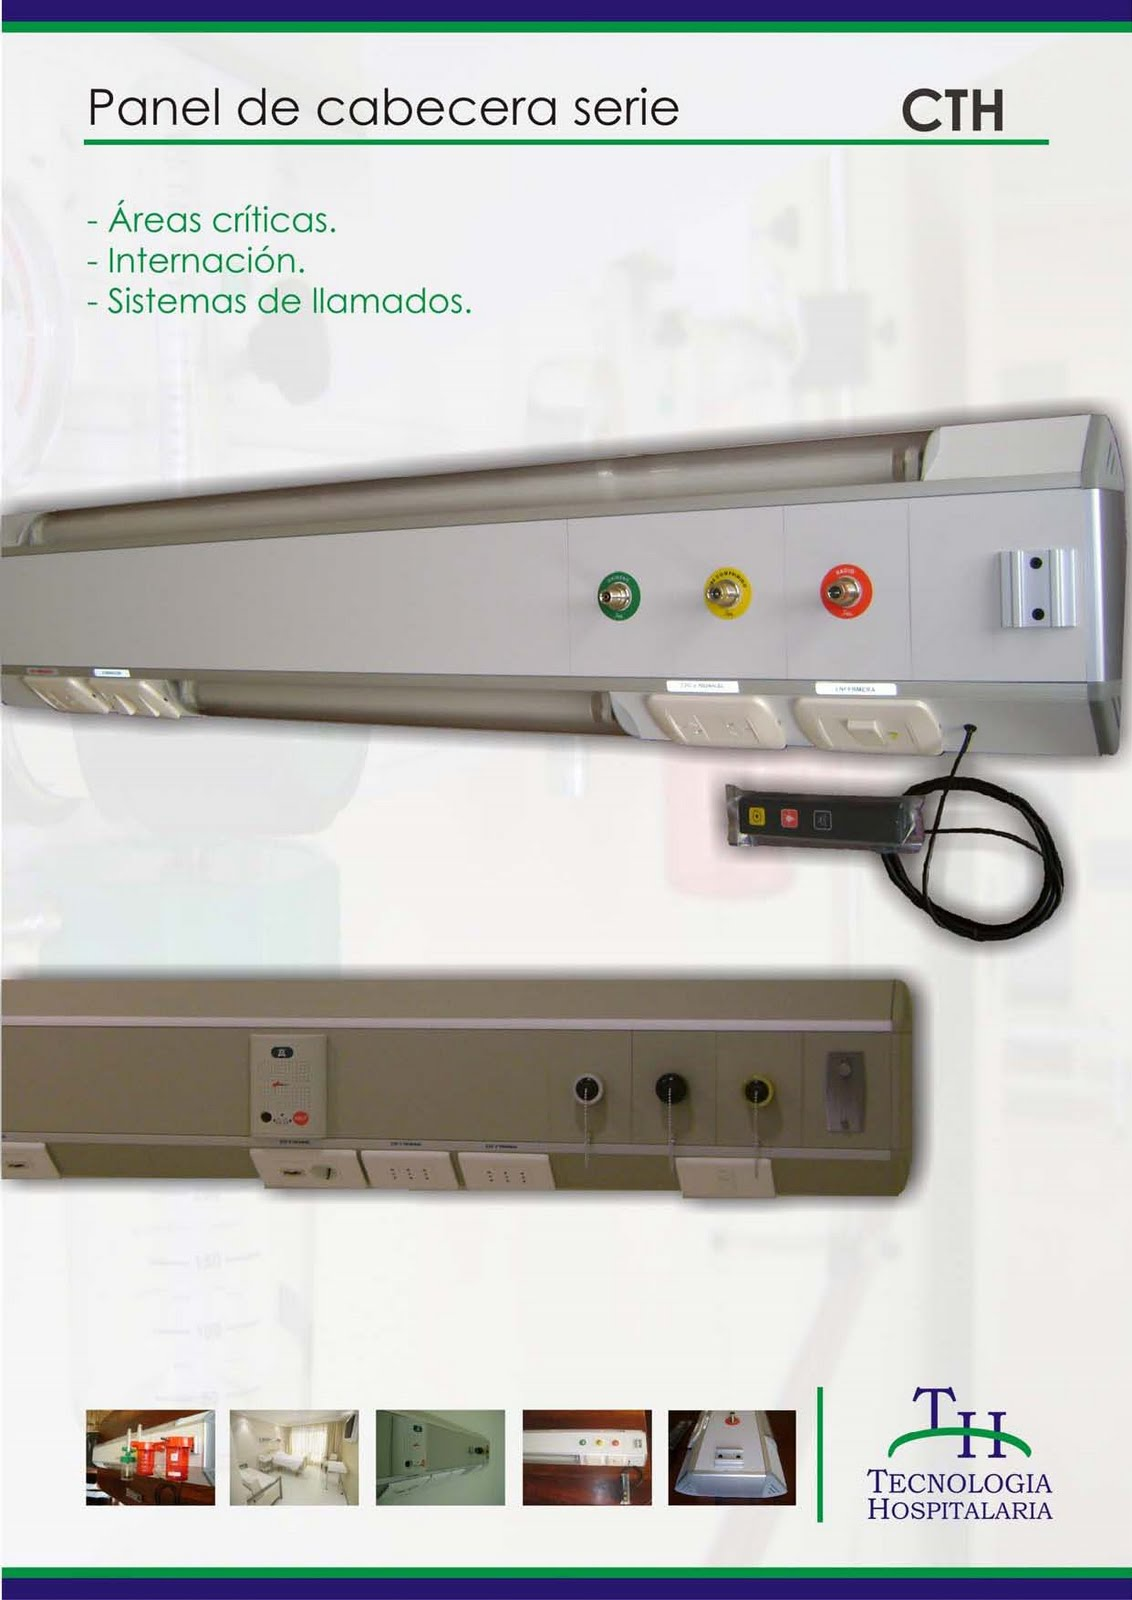 Imagenes De Baño En Cama Enfermeria:biombo para la intimidad del paciente alarma o timbre para